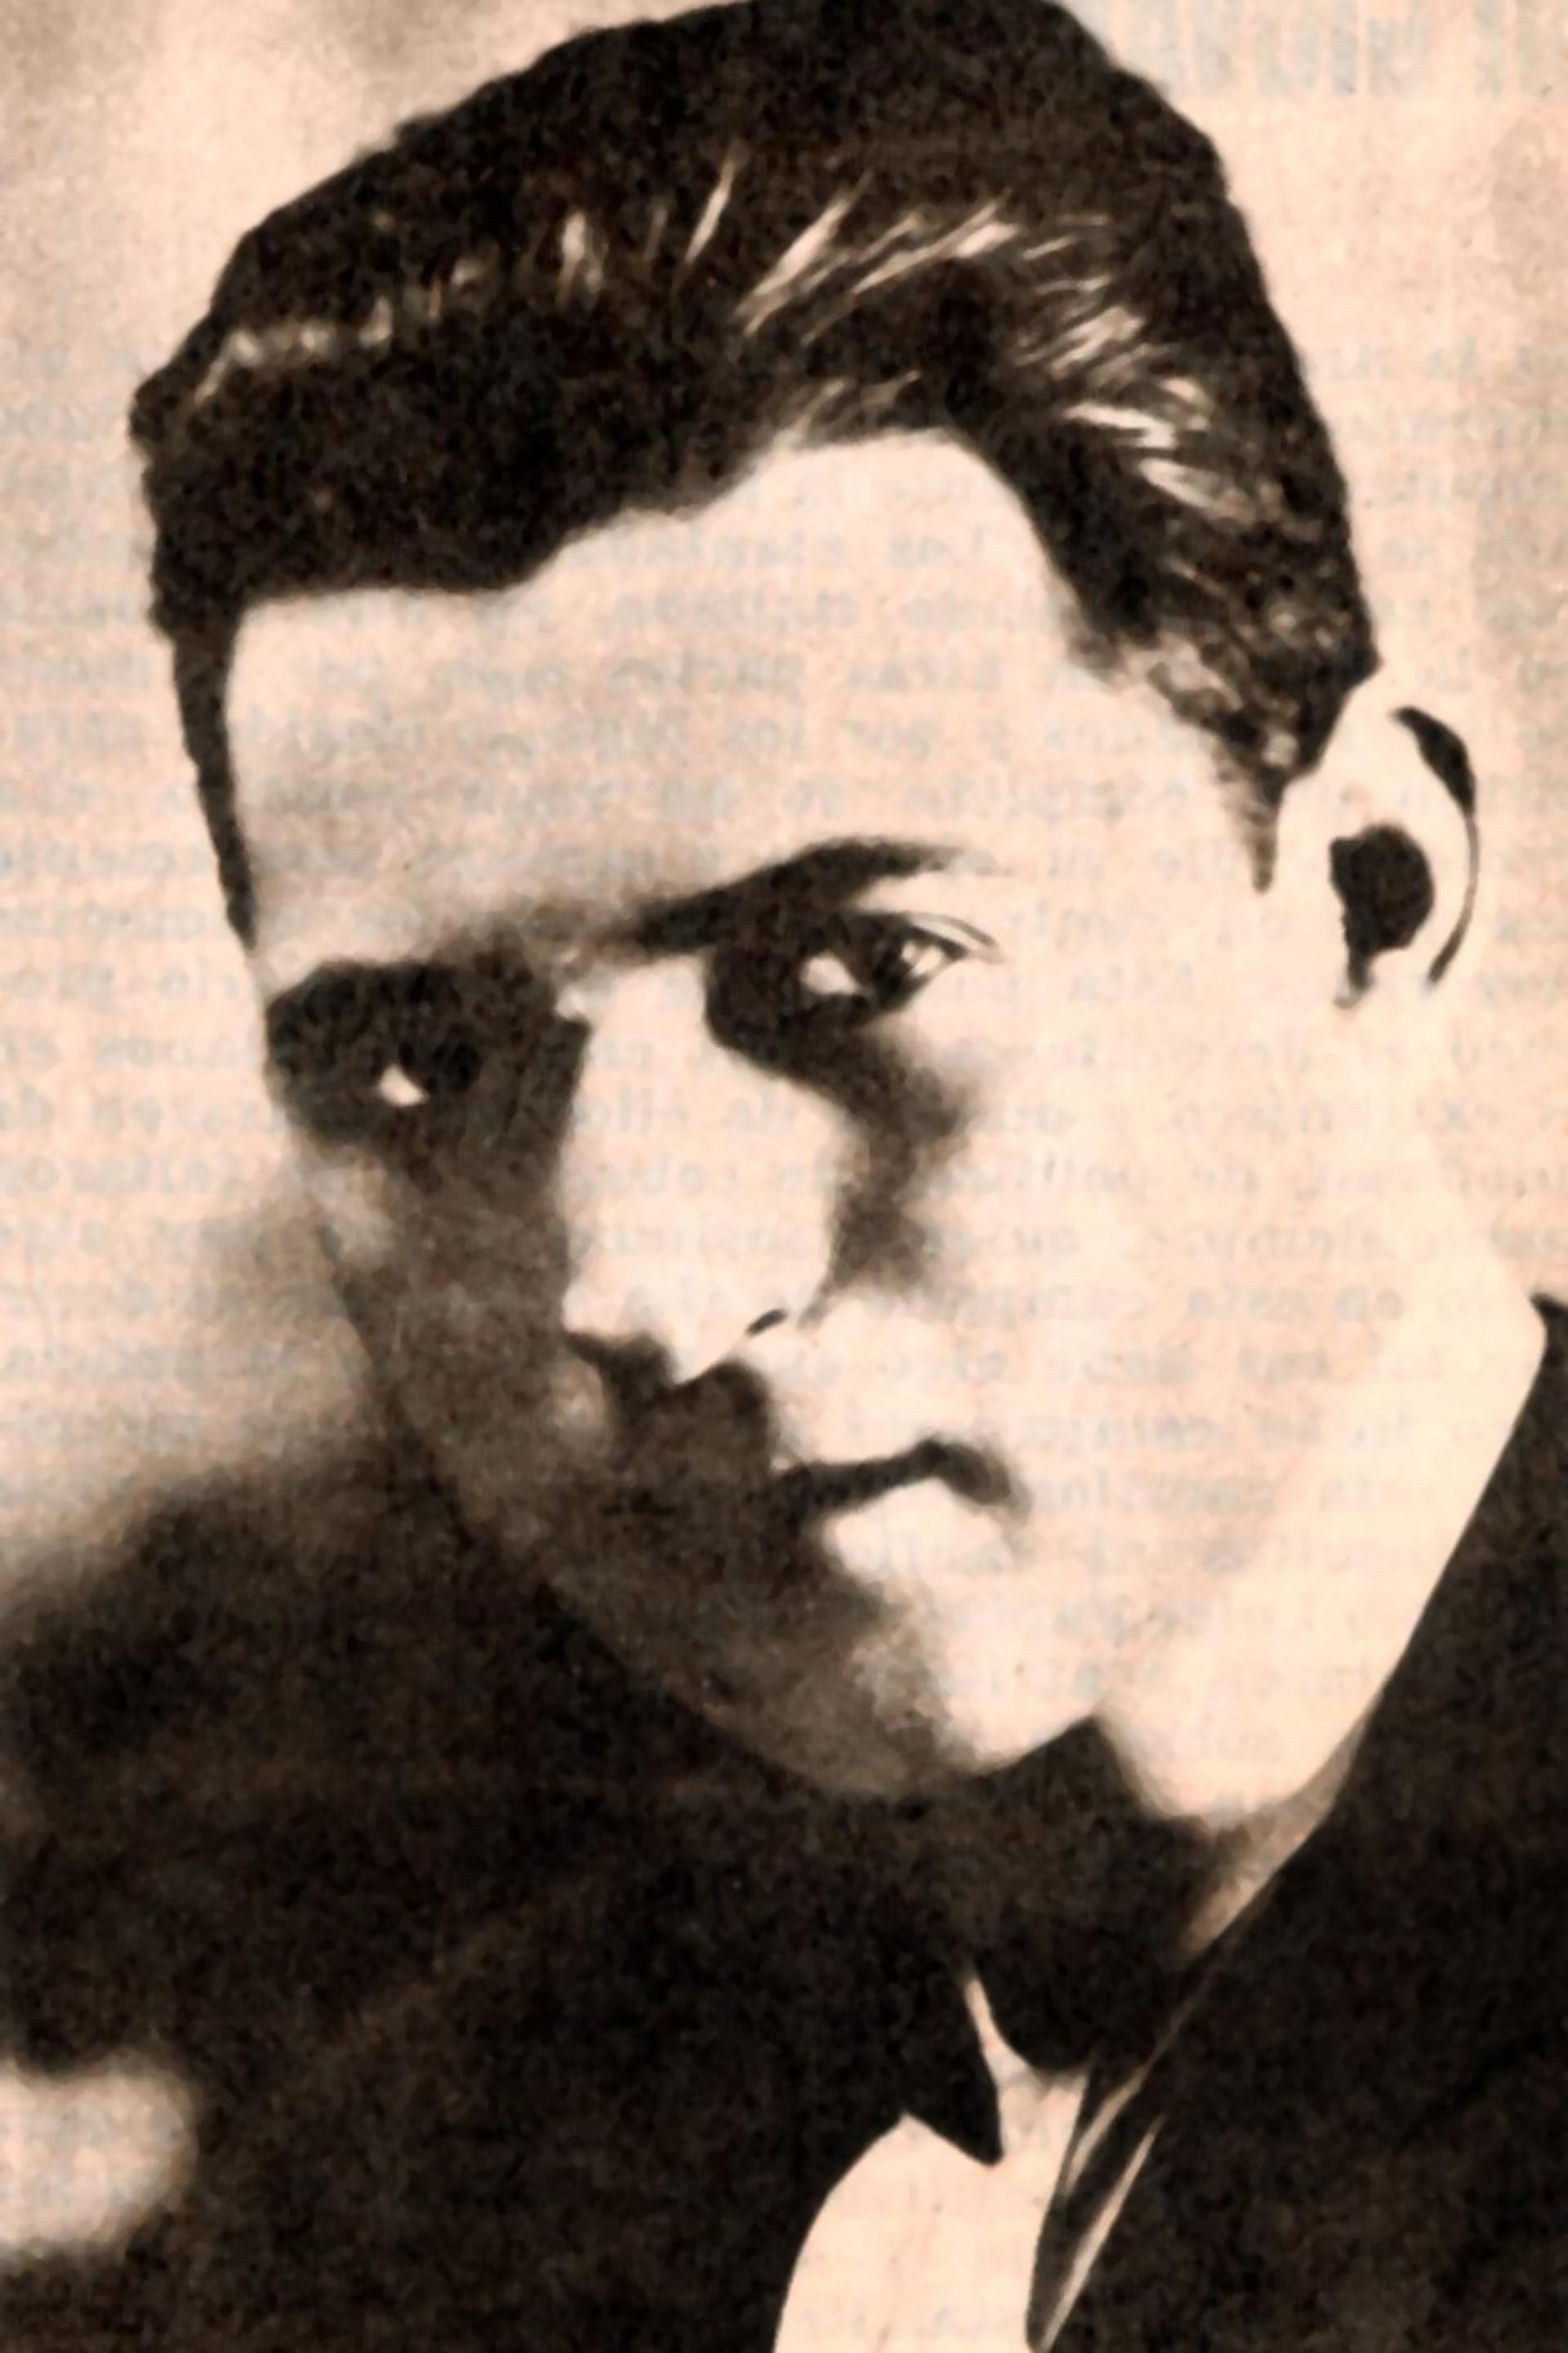 Un retrato de Severino Di Giovanni